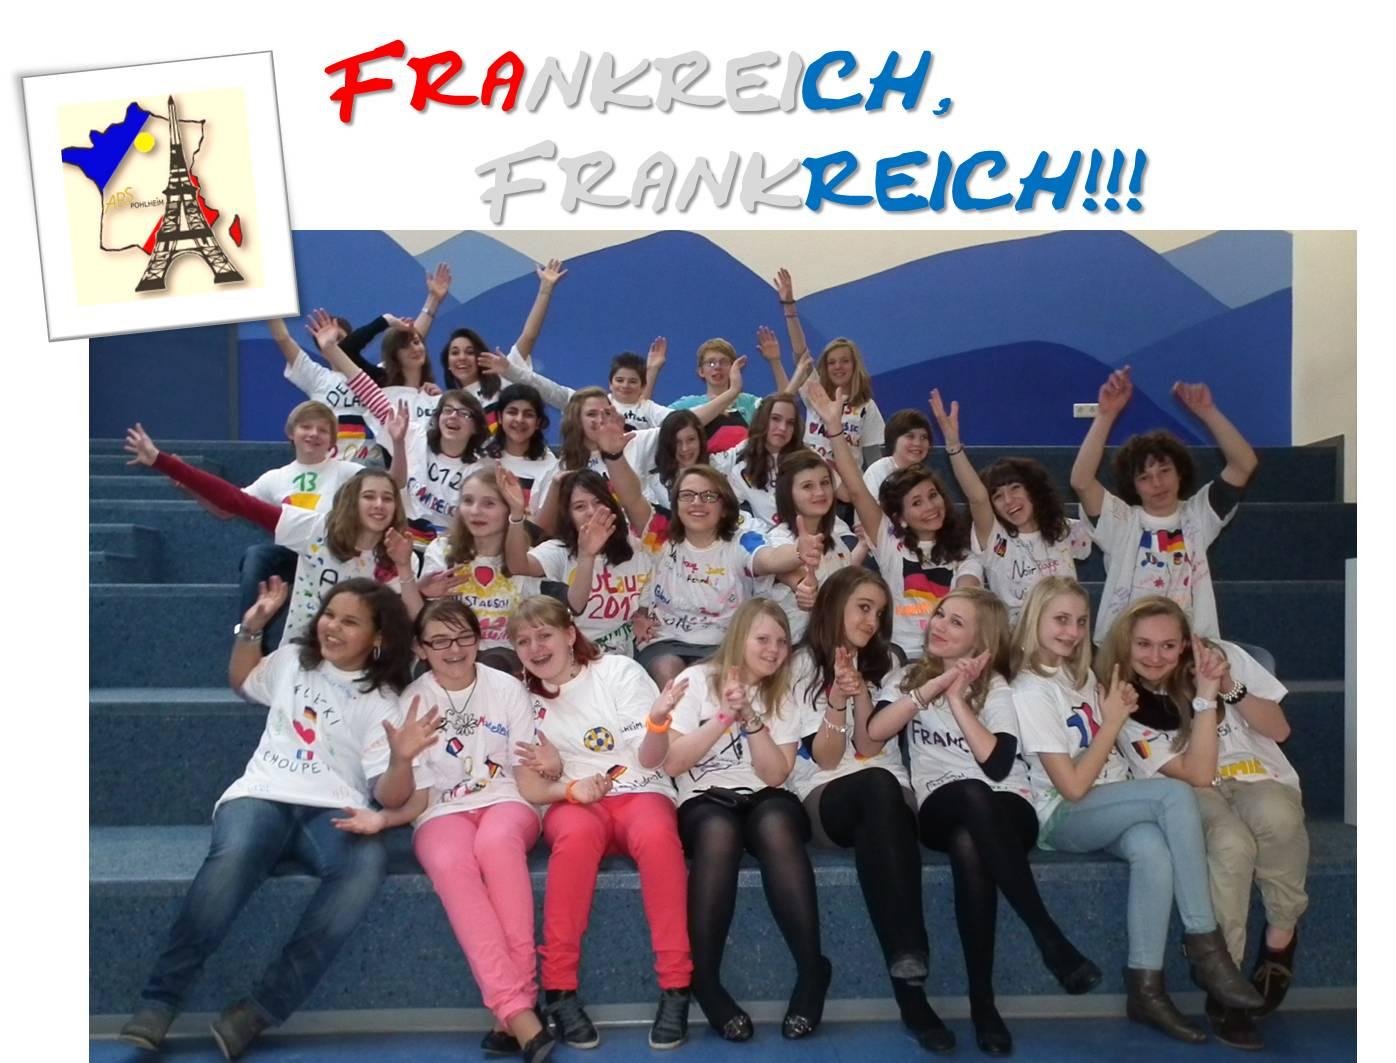 Frankreisch, Frankreisch 2012